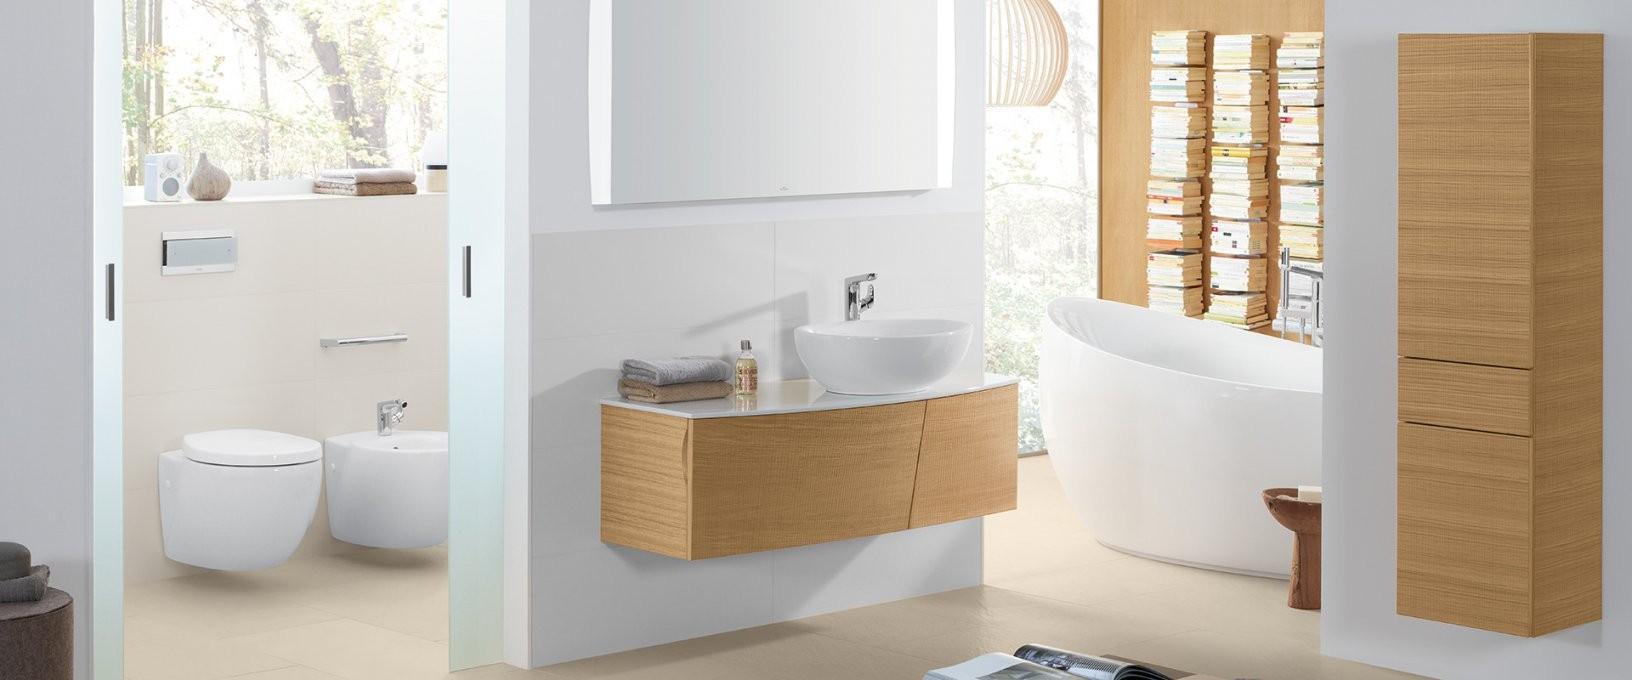 Kollektion Aveo New Generation Von Villeroy & Boch – Natürliche von Villeroy Und Boch Bad Waschbecken Bild